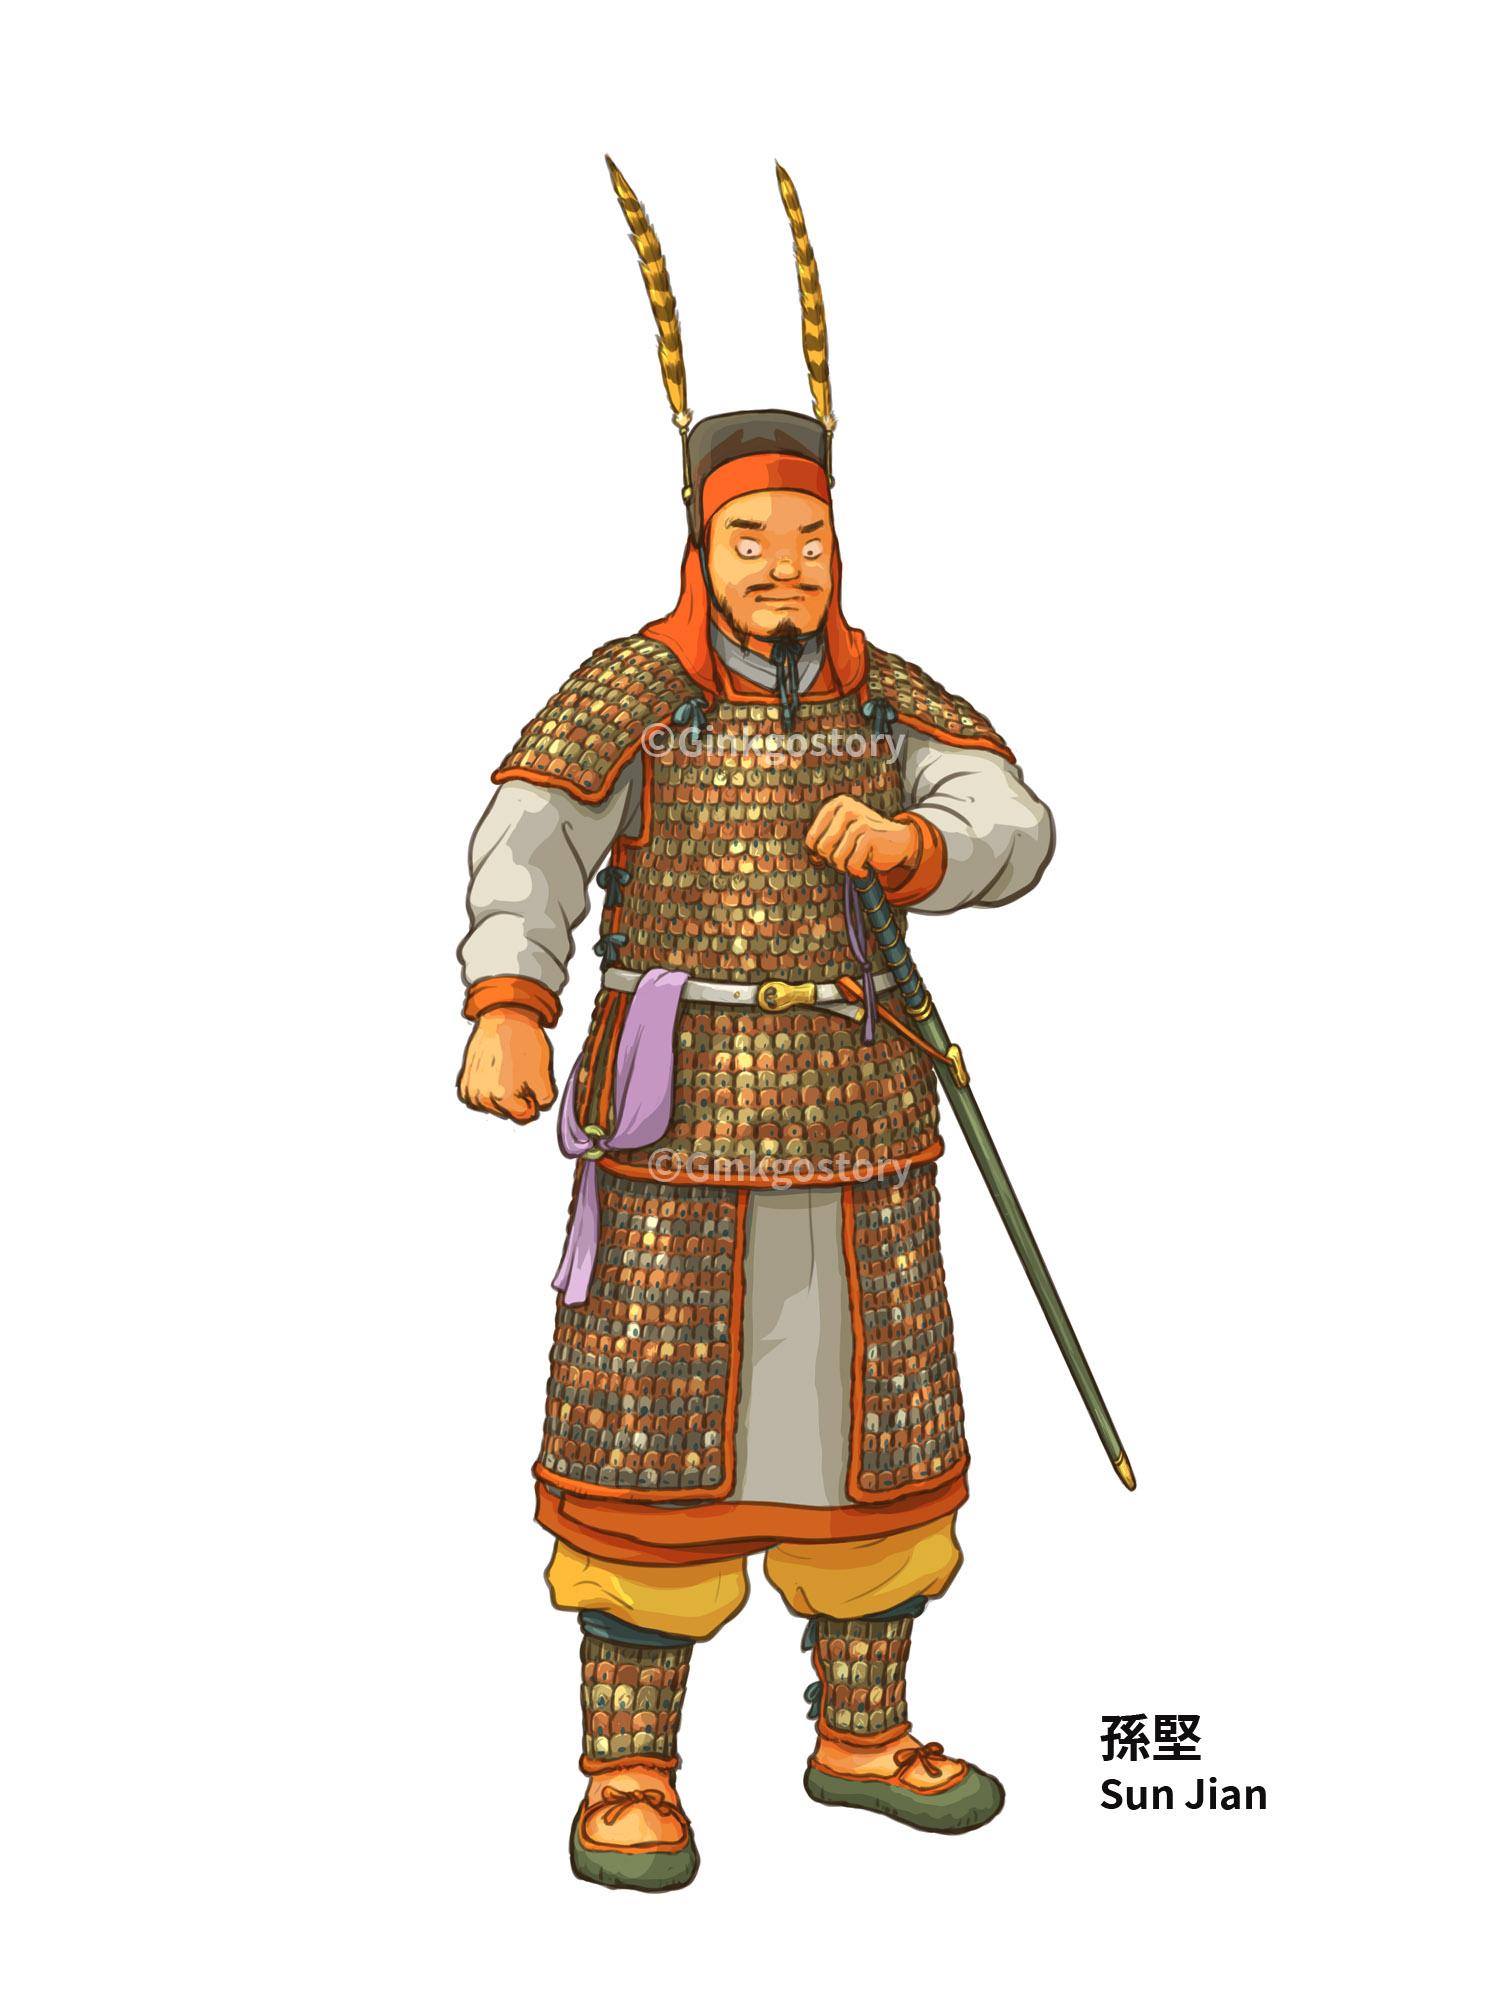 Three Kingdoms: Sun Jian